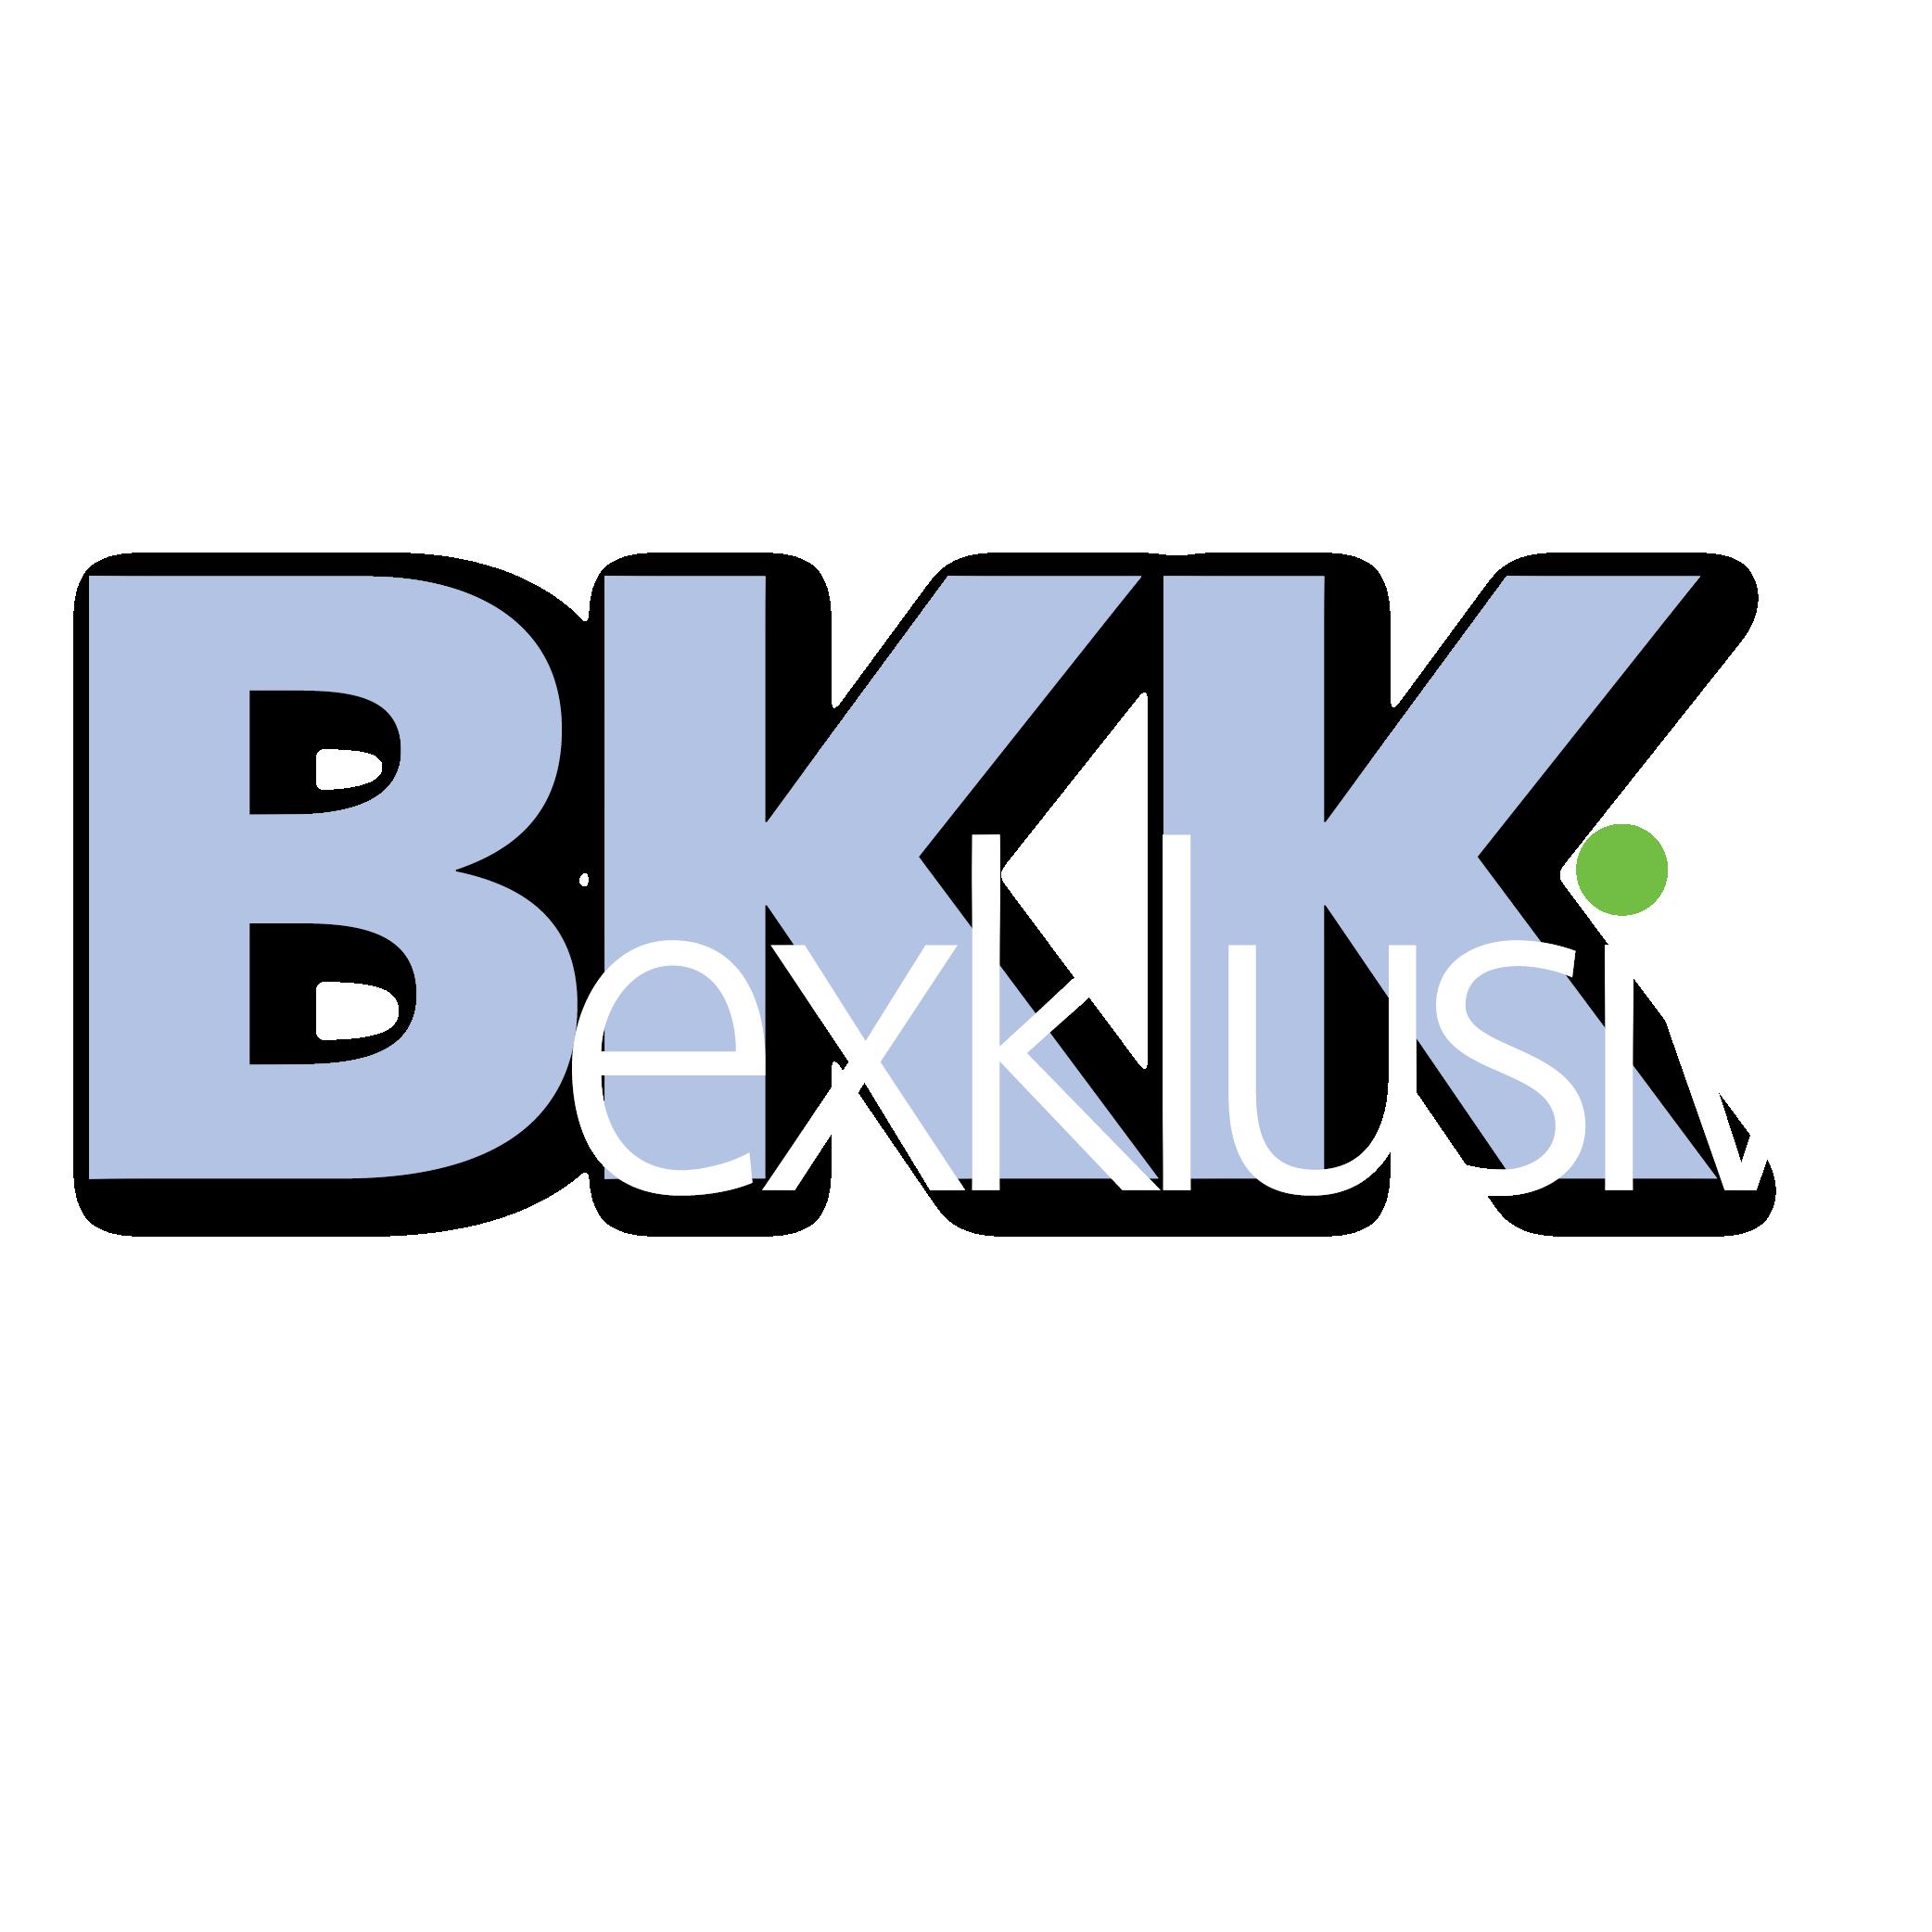 Markenzeichen der BKK exklusiv